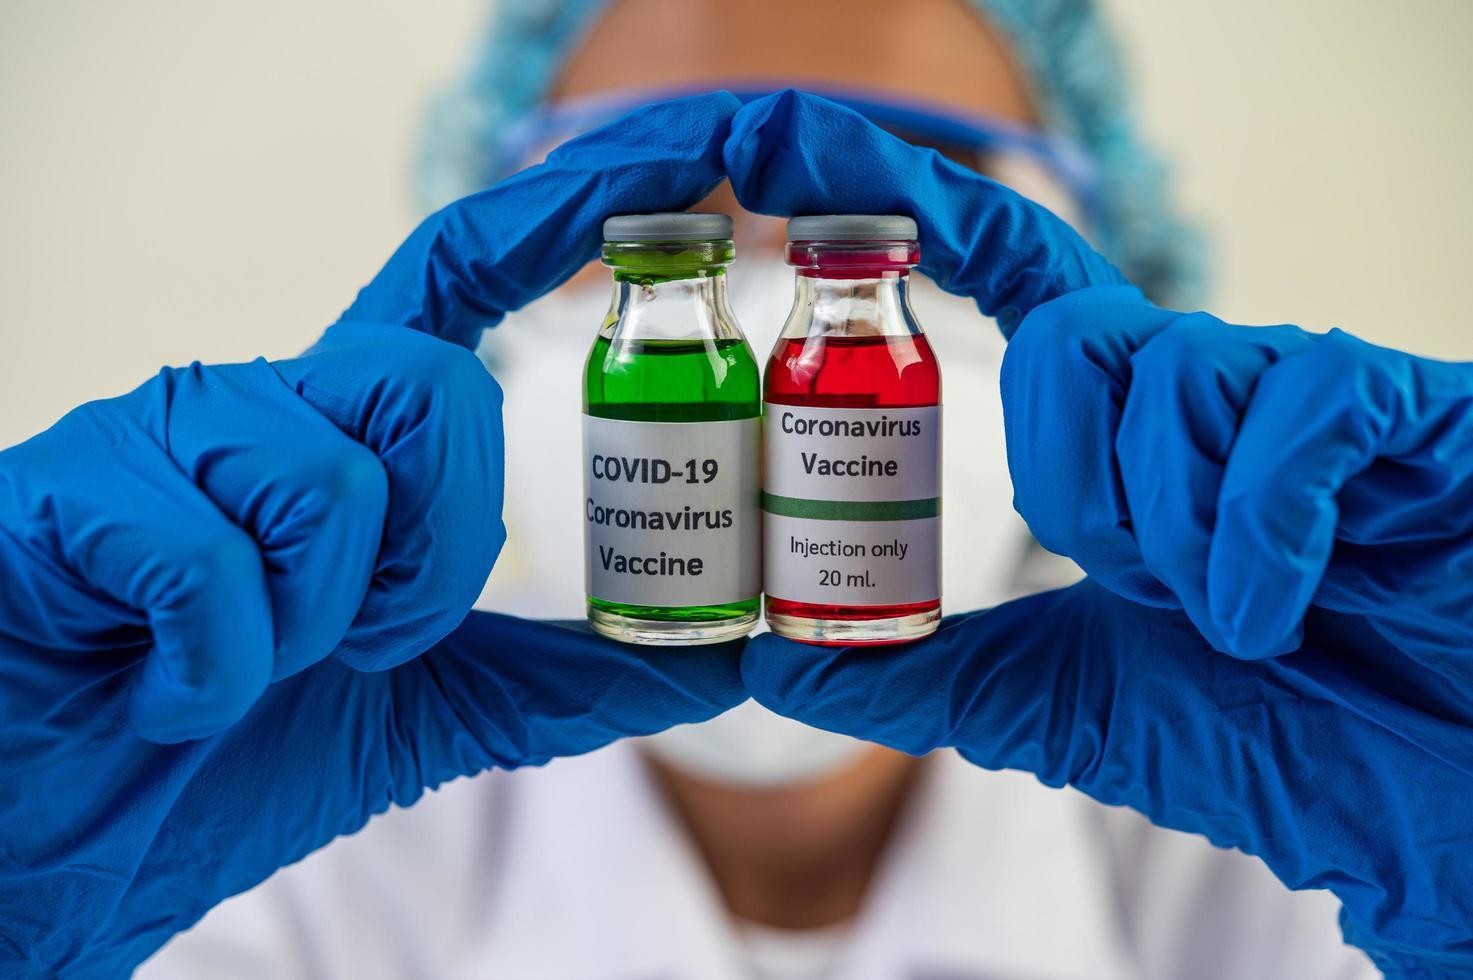 Cientista mostrando frascos com vacinas para proteção contra covid-19 foto